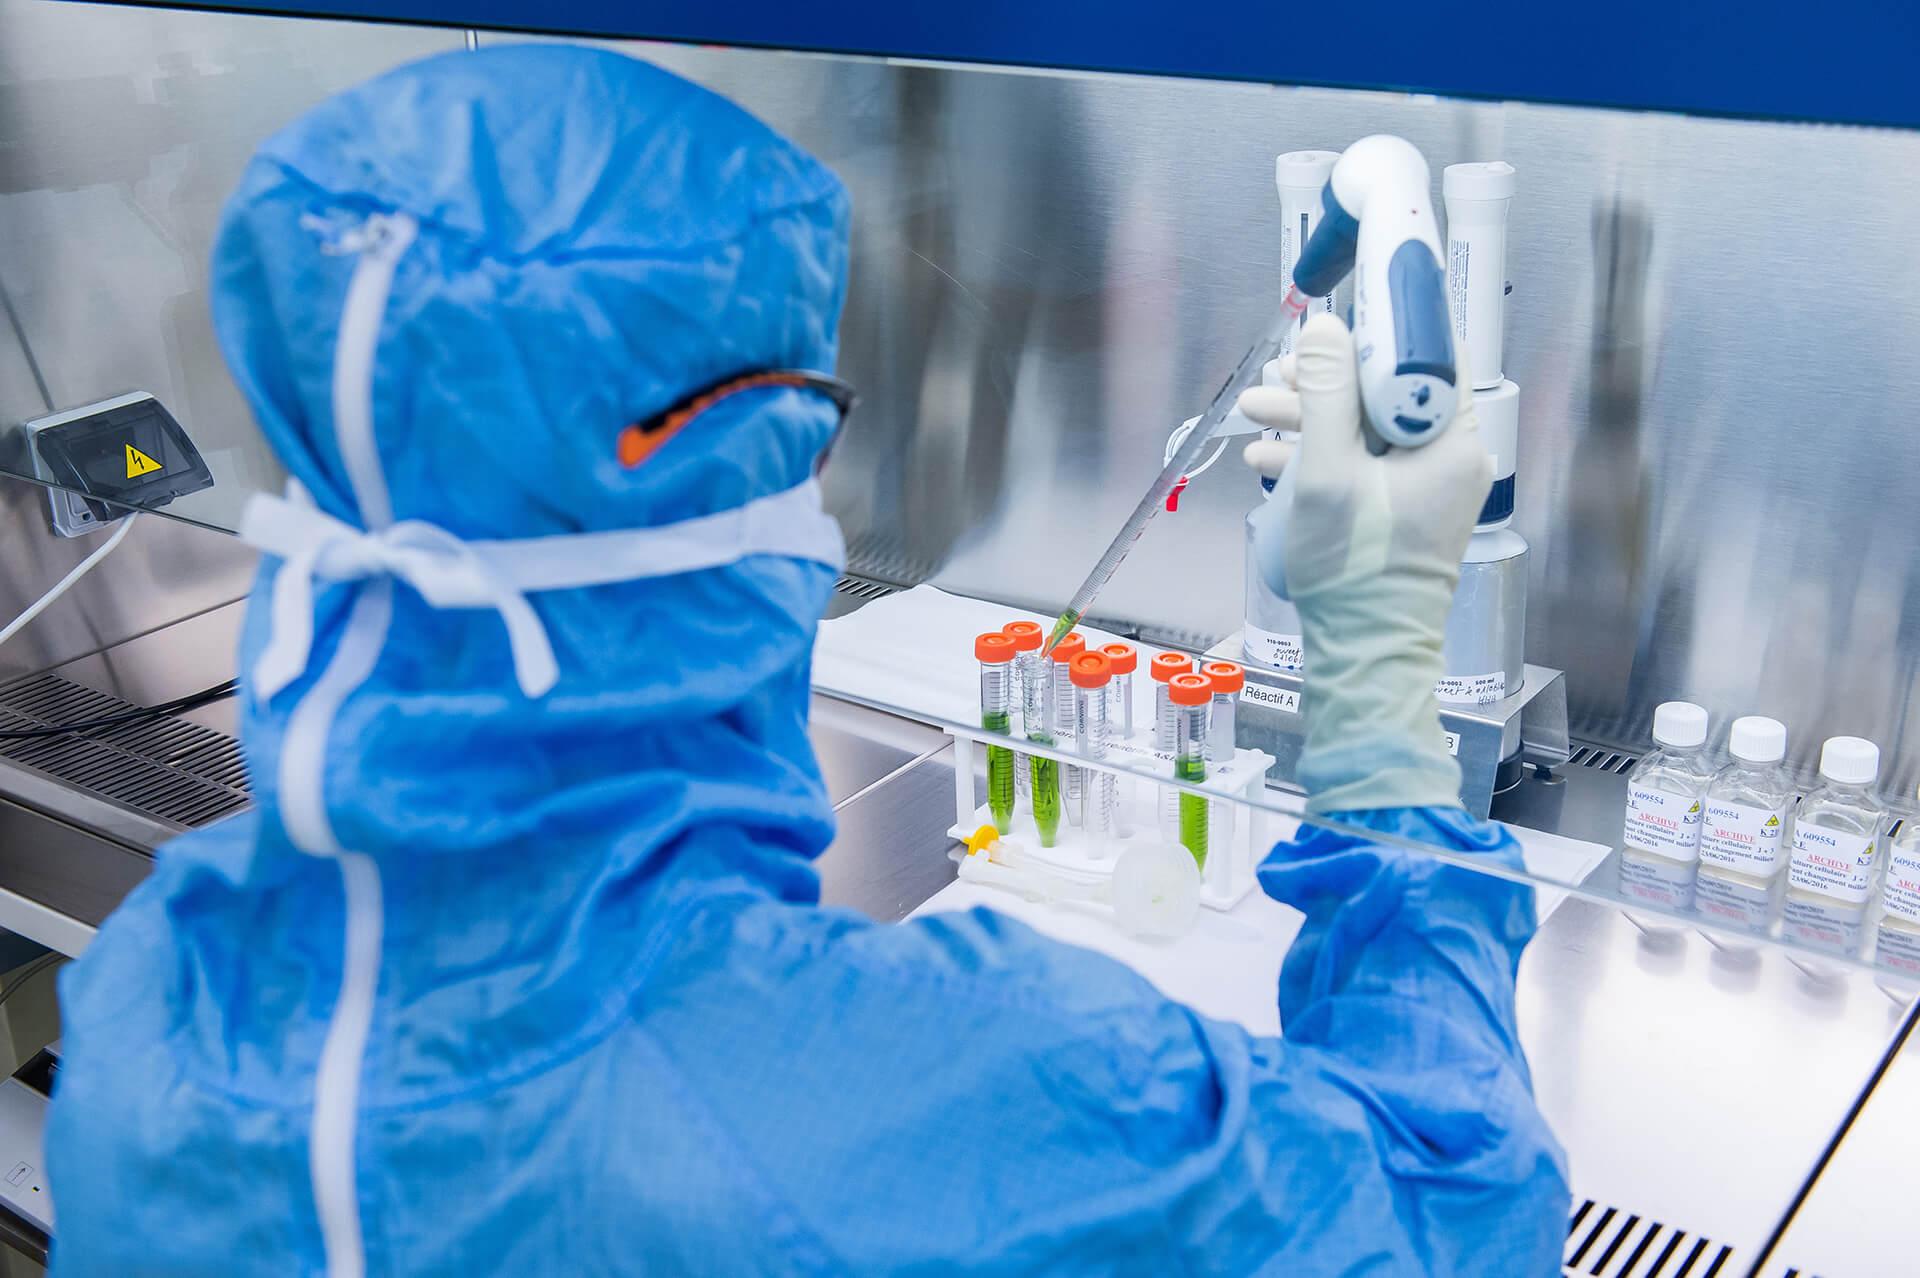 photographe reportage industrie lyon photographe corporate à lyon reportage industrielle laboratoire Production de vaccins a Sanofi Pasteur Marcy